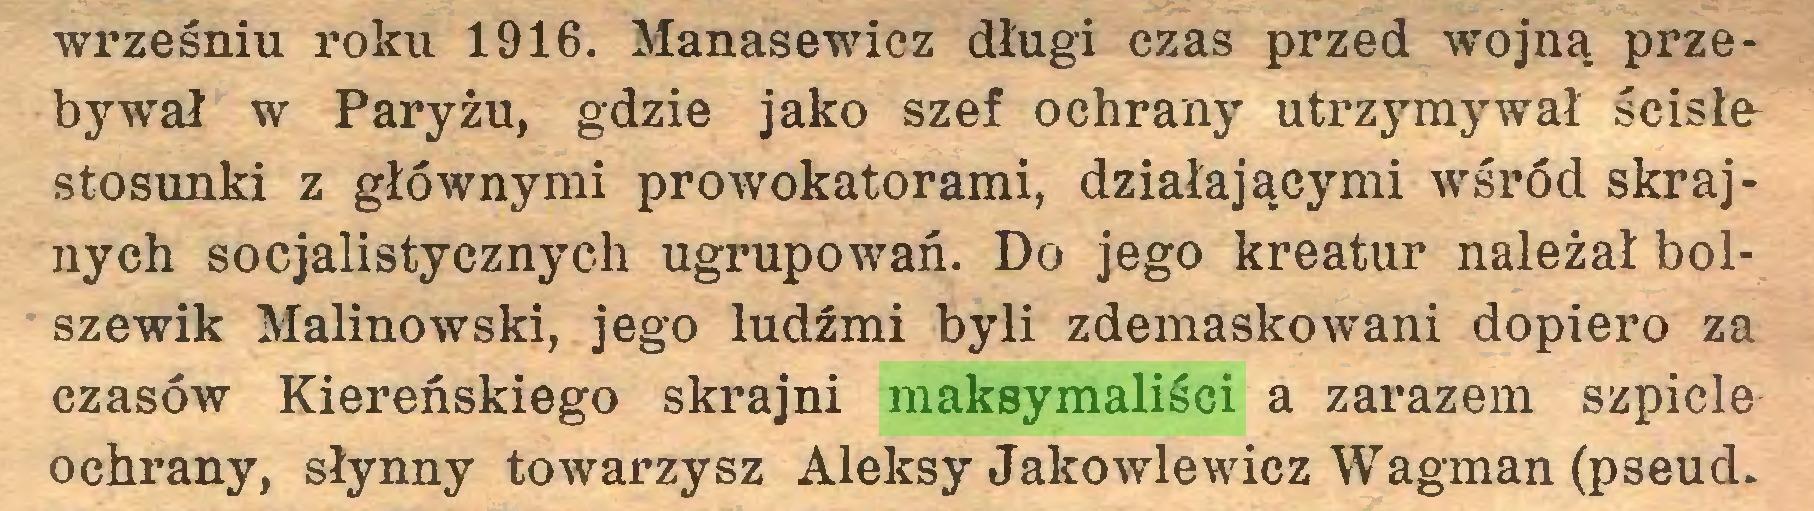 (...) wrześniu roku 1916. Manasewiez długi czas przed wojną przebywał w Paryżu, gdzie jako szef ochrany utrzymj^wał ścisłe^ stosunki z głównymi prowokatorami, działającymi wśród skrajnych socjalistycznych ugrupowań. Do jego kreatur należał bolszewik Malinowski, jego ludźmi byli zdemaskowani dopiero za czasów Kiereńskiego skrajni maksymaliści a zarazem szpicle ochrany, słynny towarzysz Aleksy Jako wie wicz Wagman (pseud...